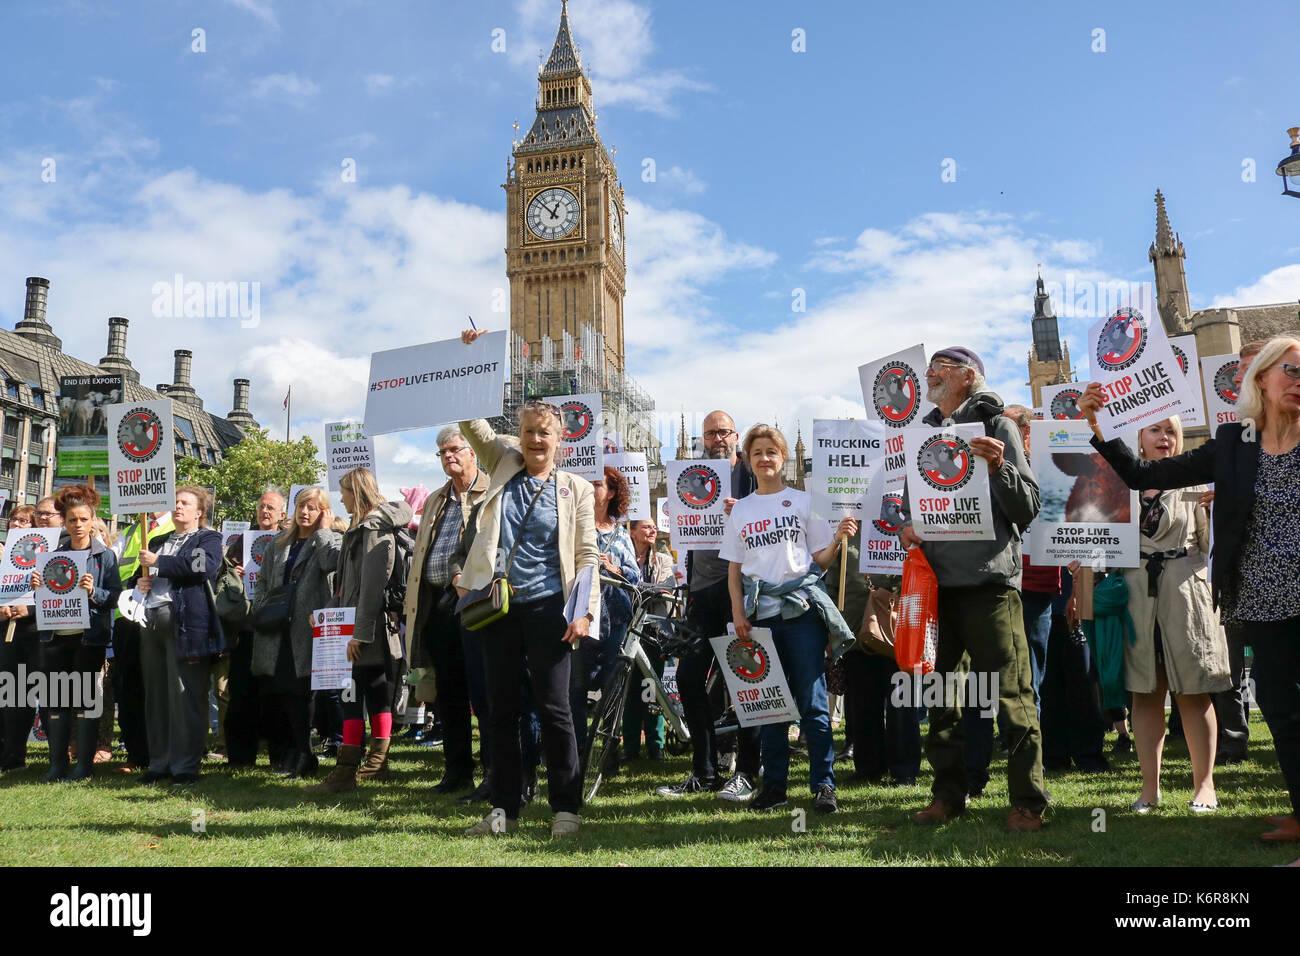 Londres, Reino Unido. 13 sep, 2017. Los grupos pro derechos de los animales hizo campaña en la plaza del parlamento Foto de stock